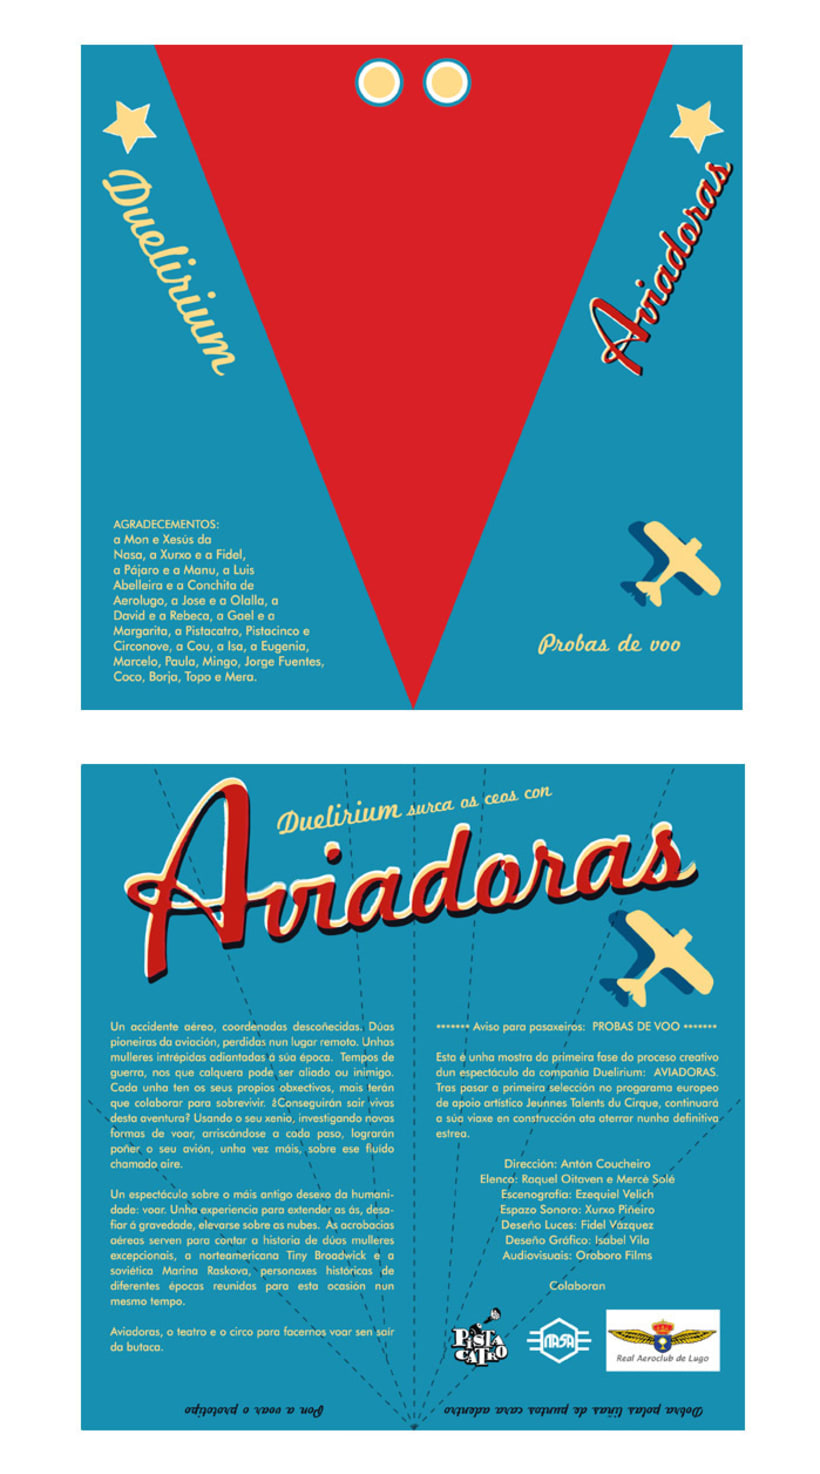 Aviadoras 3